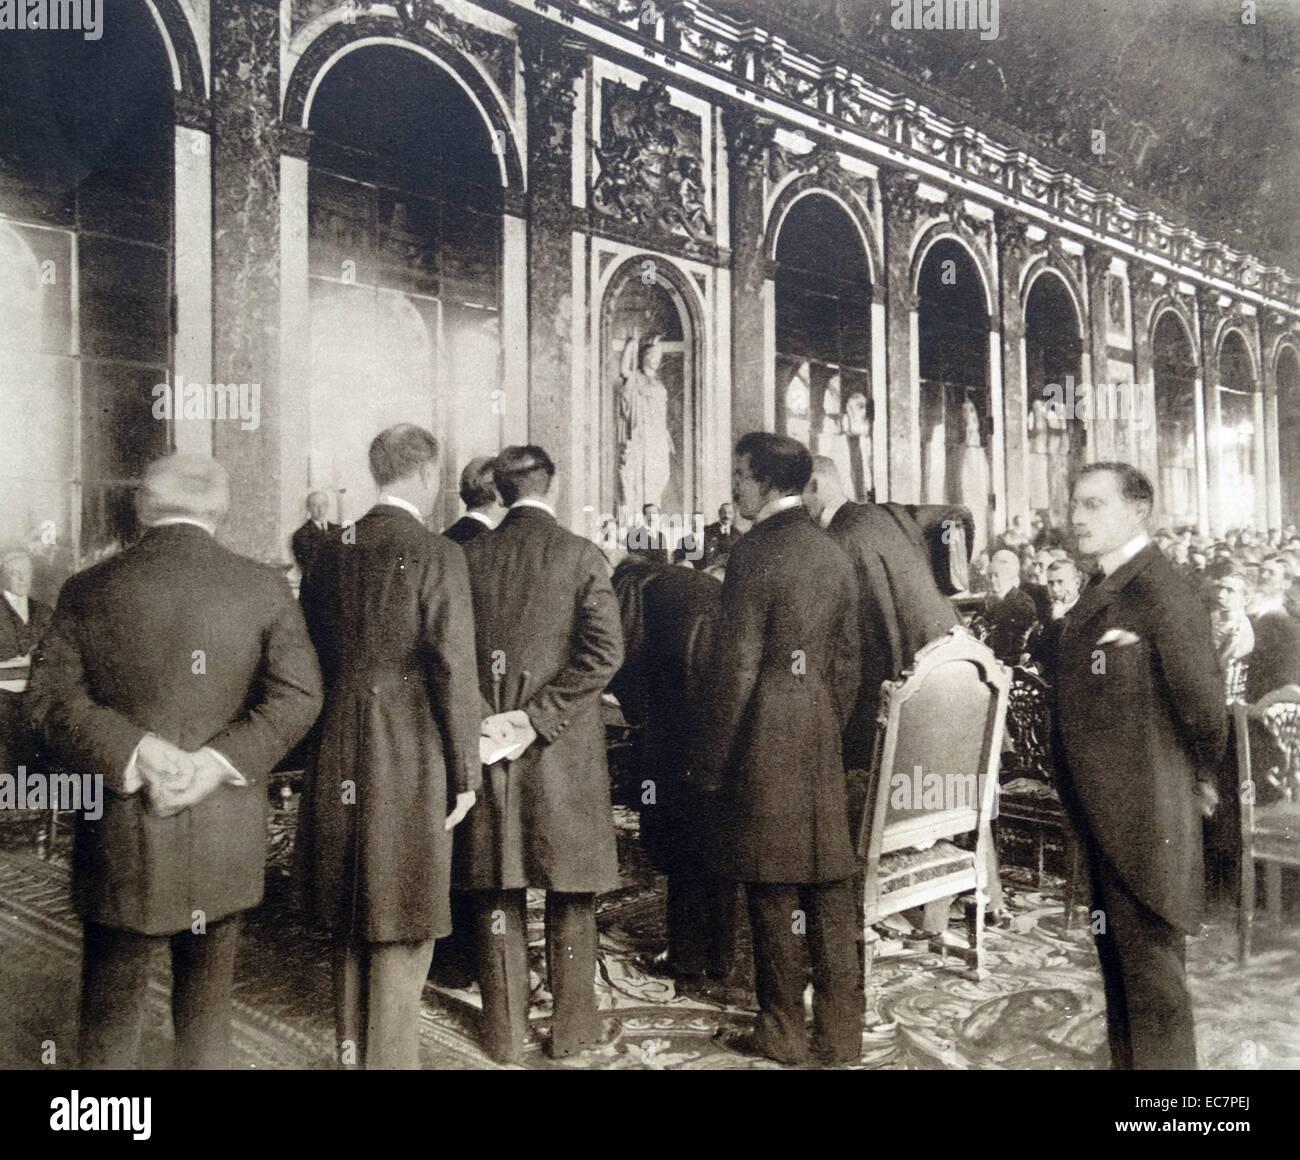 Deutsche Delegation Unterzeichnet Den Vertrag Von Versailles 1919